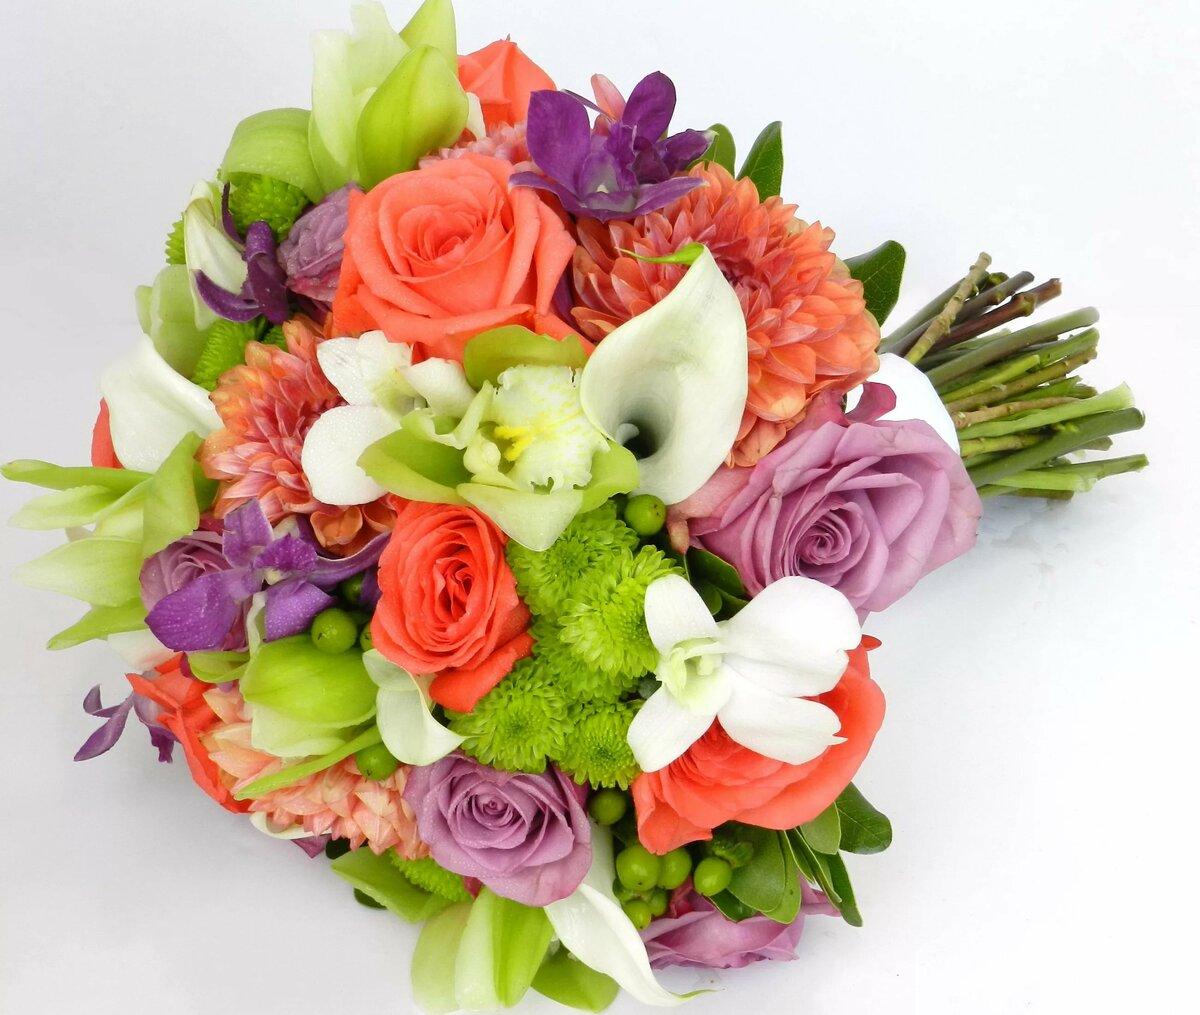 настоящий, его красивые оригинальные букеты цветов открытки карамельный торт